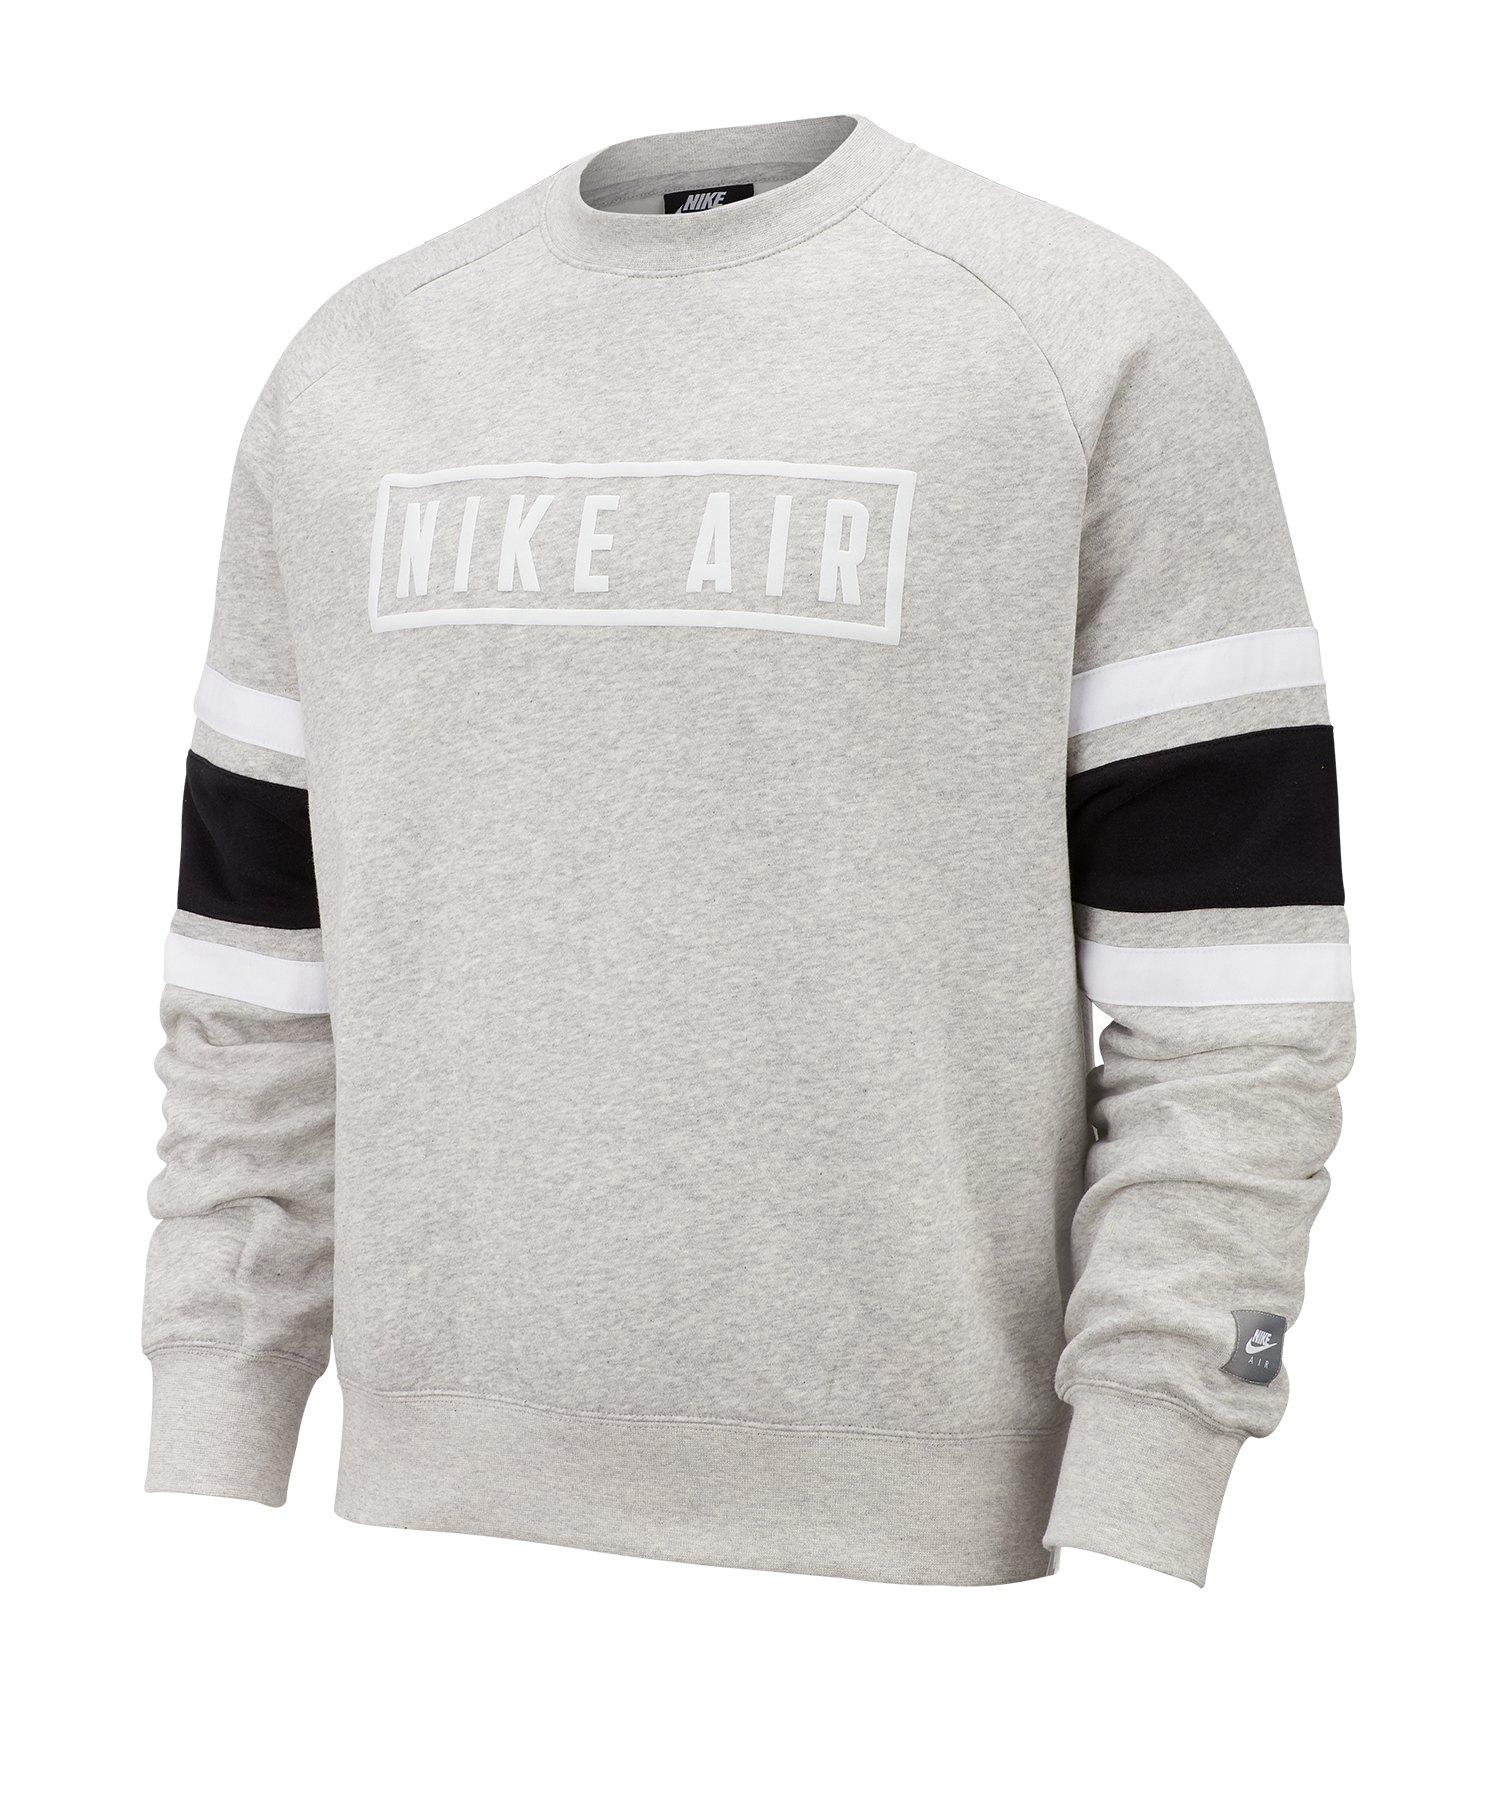 Nike Air Fleece Crew Sweatshirt Grau F050 - grau